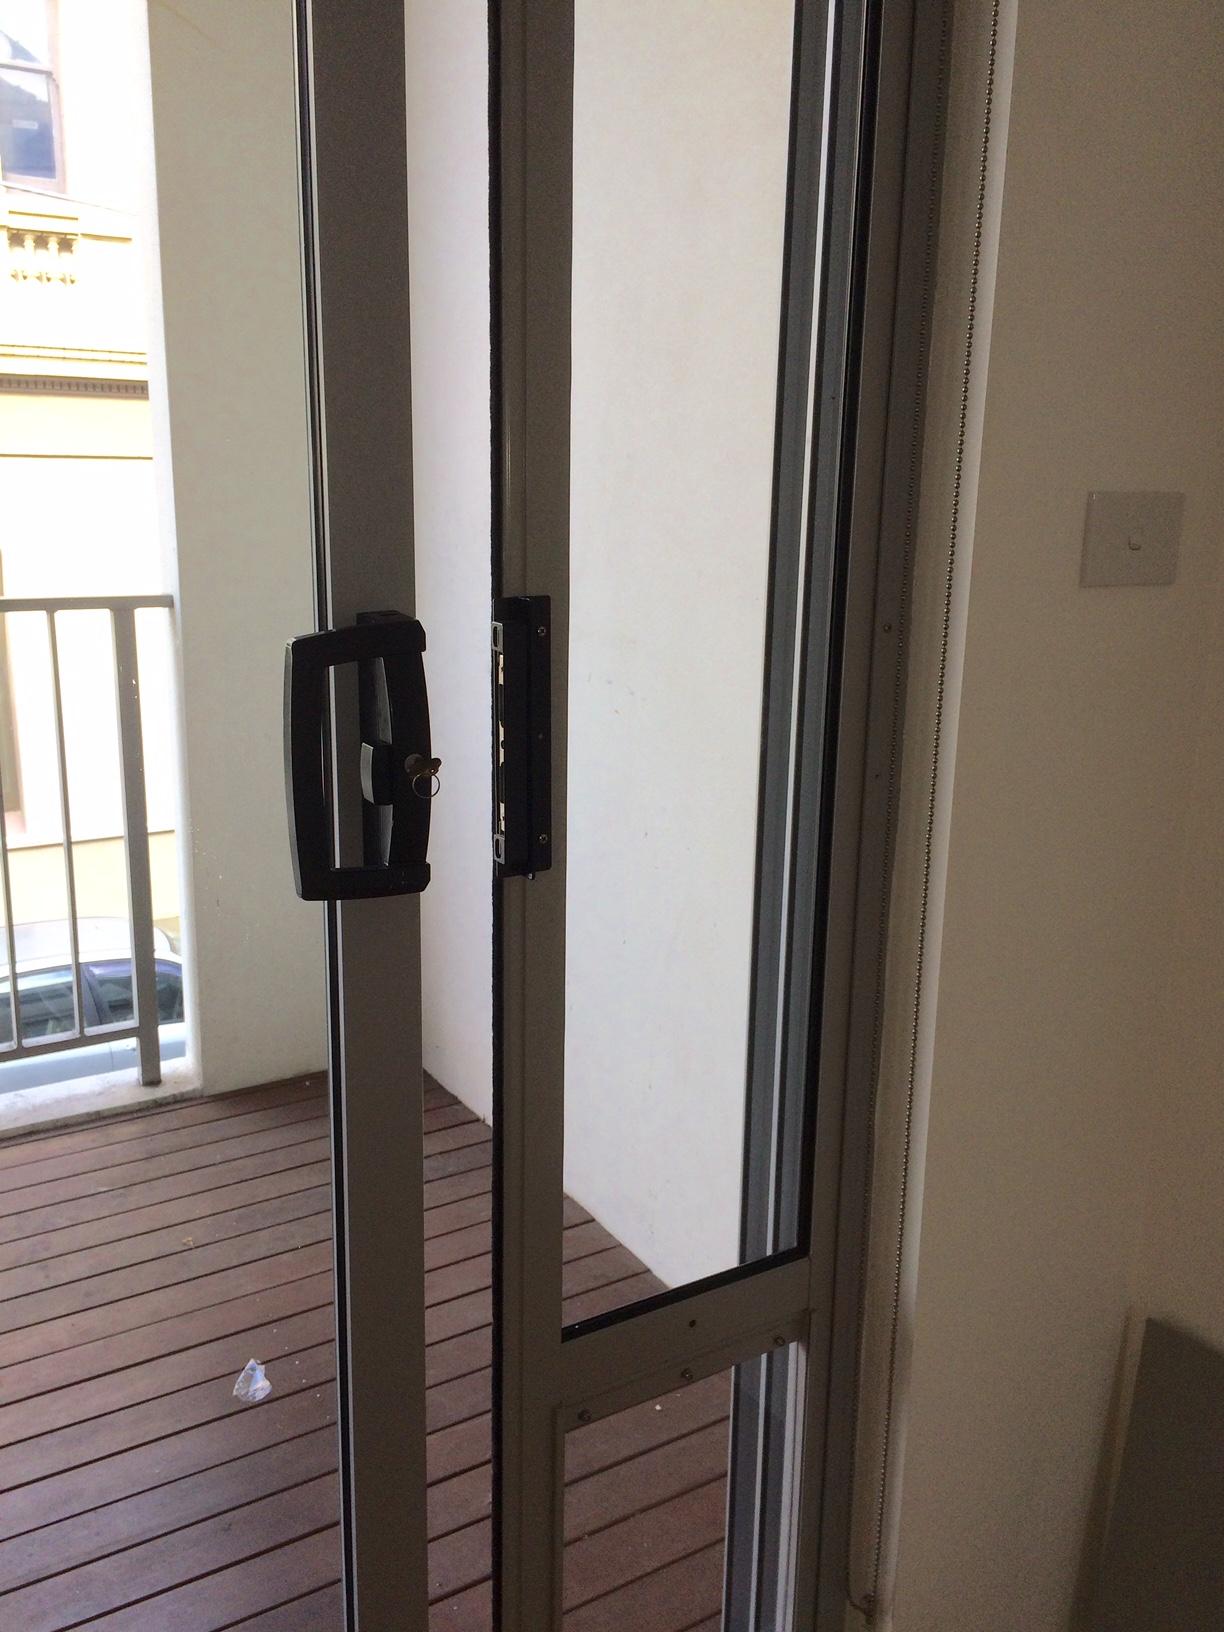 Locking Bracket Installed